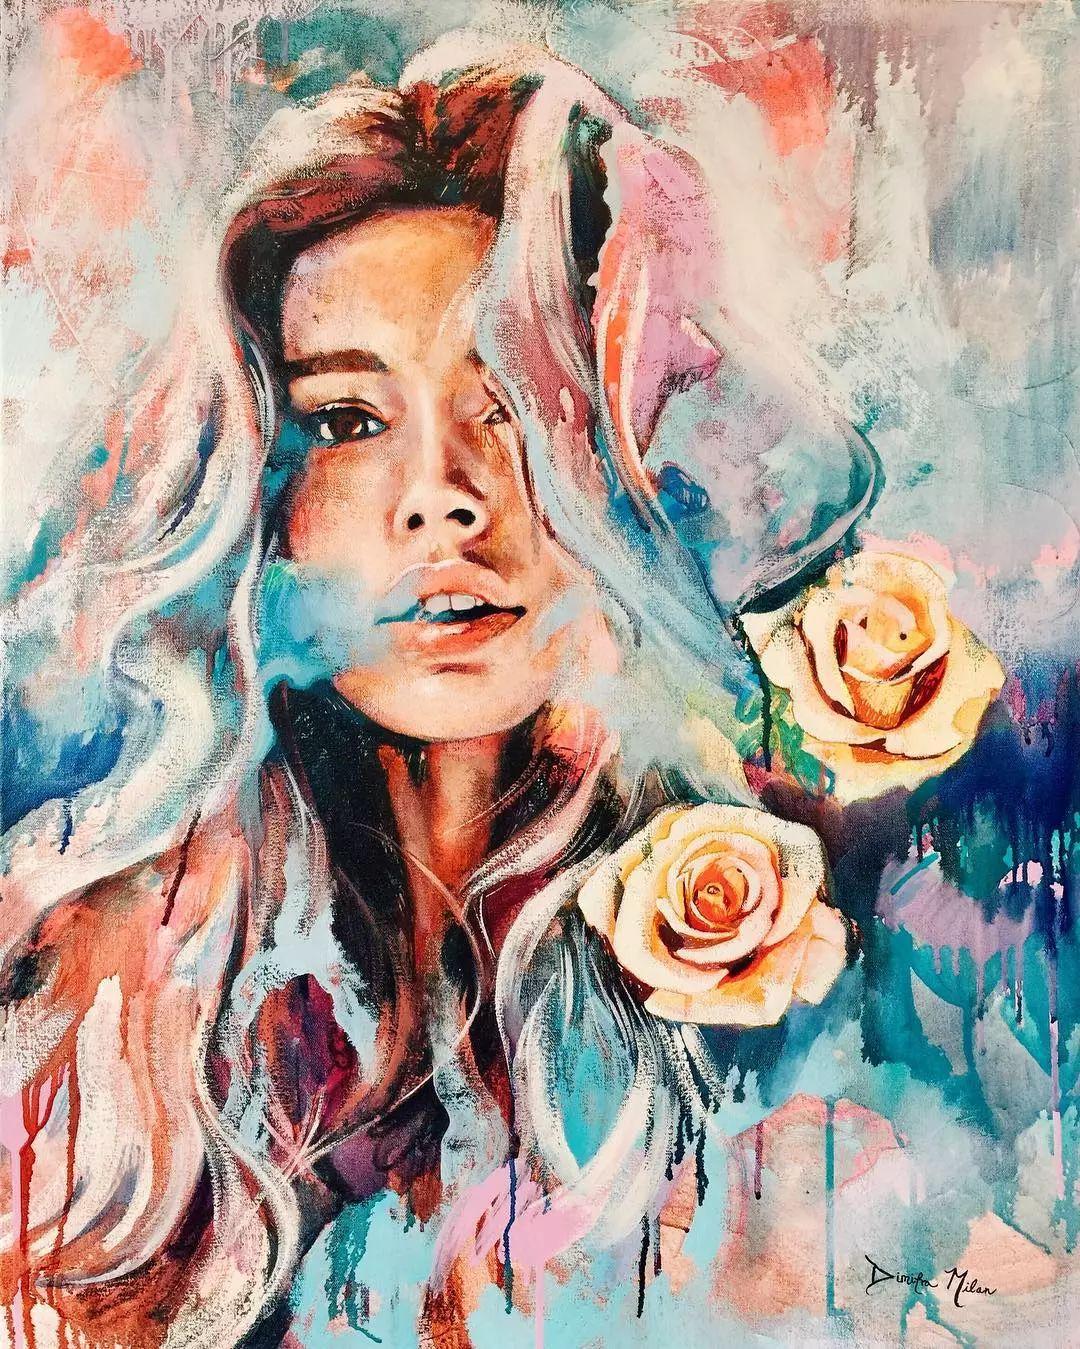 12岁开始画画 16岁就卖画赚100万——希腊小画家Dimitra Milan插图52